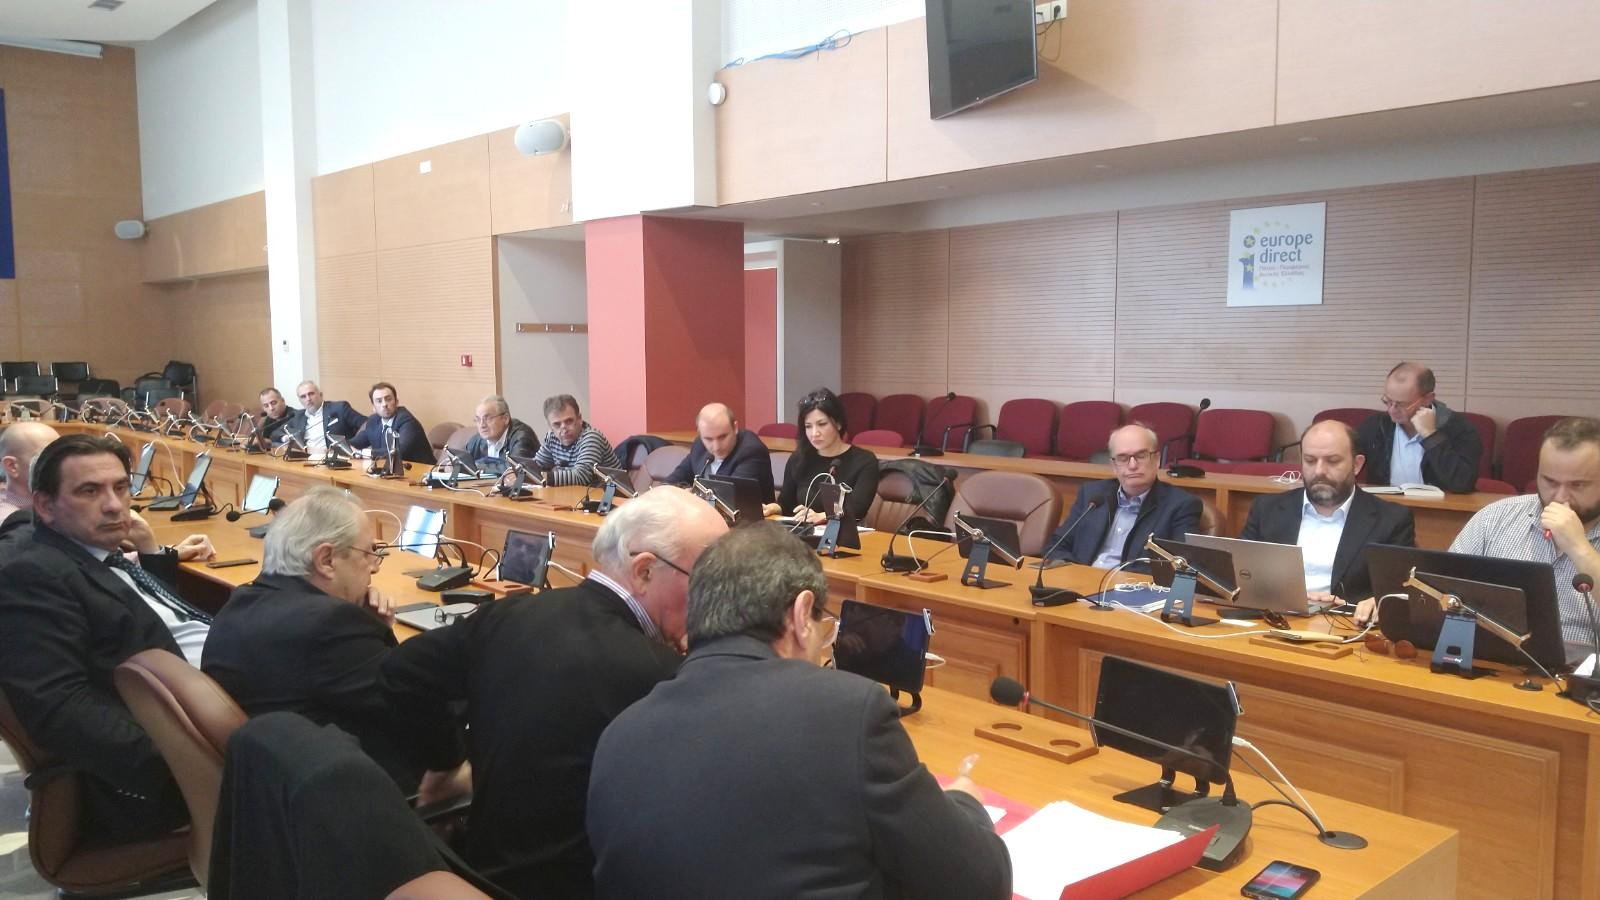 ΠΔΕ: Σύσκεψη στην Περιφέρεια για το φυσικό αέριο- Ρητές διαβεβαιώσεις τήρησης των χρονοδιαγραμμάτων ζήτησε από ΔΕΔΑ και ΔΕΣΦΑ ζήτησε ο Ν. Φαρμάκης ώστε να φθάσει το καύσιμο σε Πάτρα, Πύργο και Αγρίνιο έως το τέλος του 2021